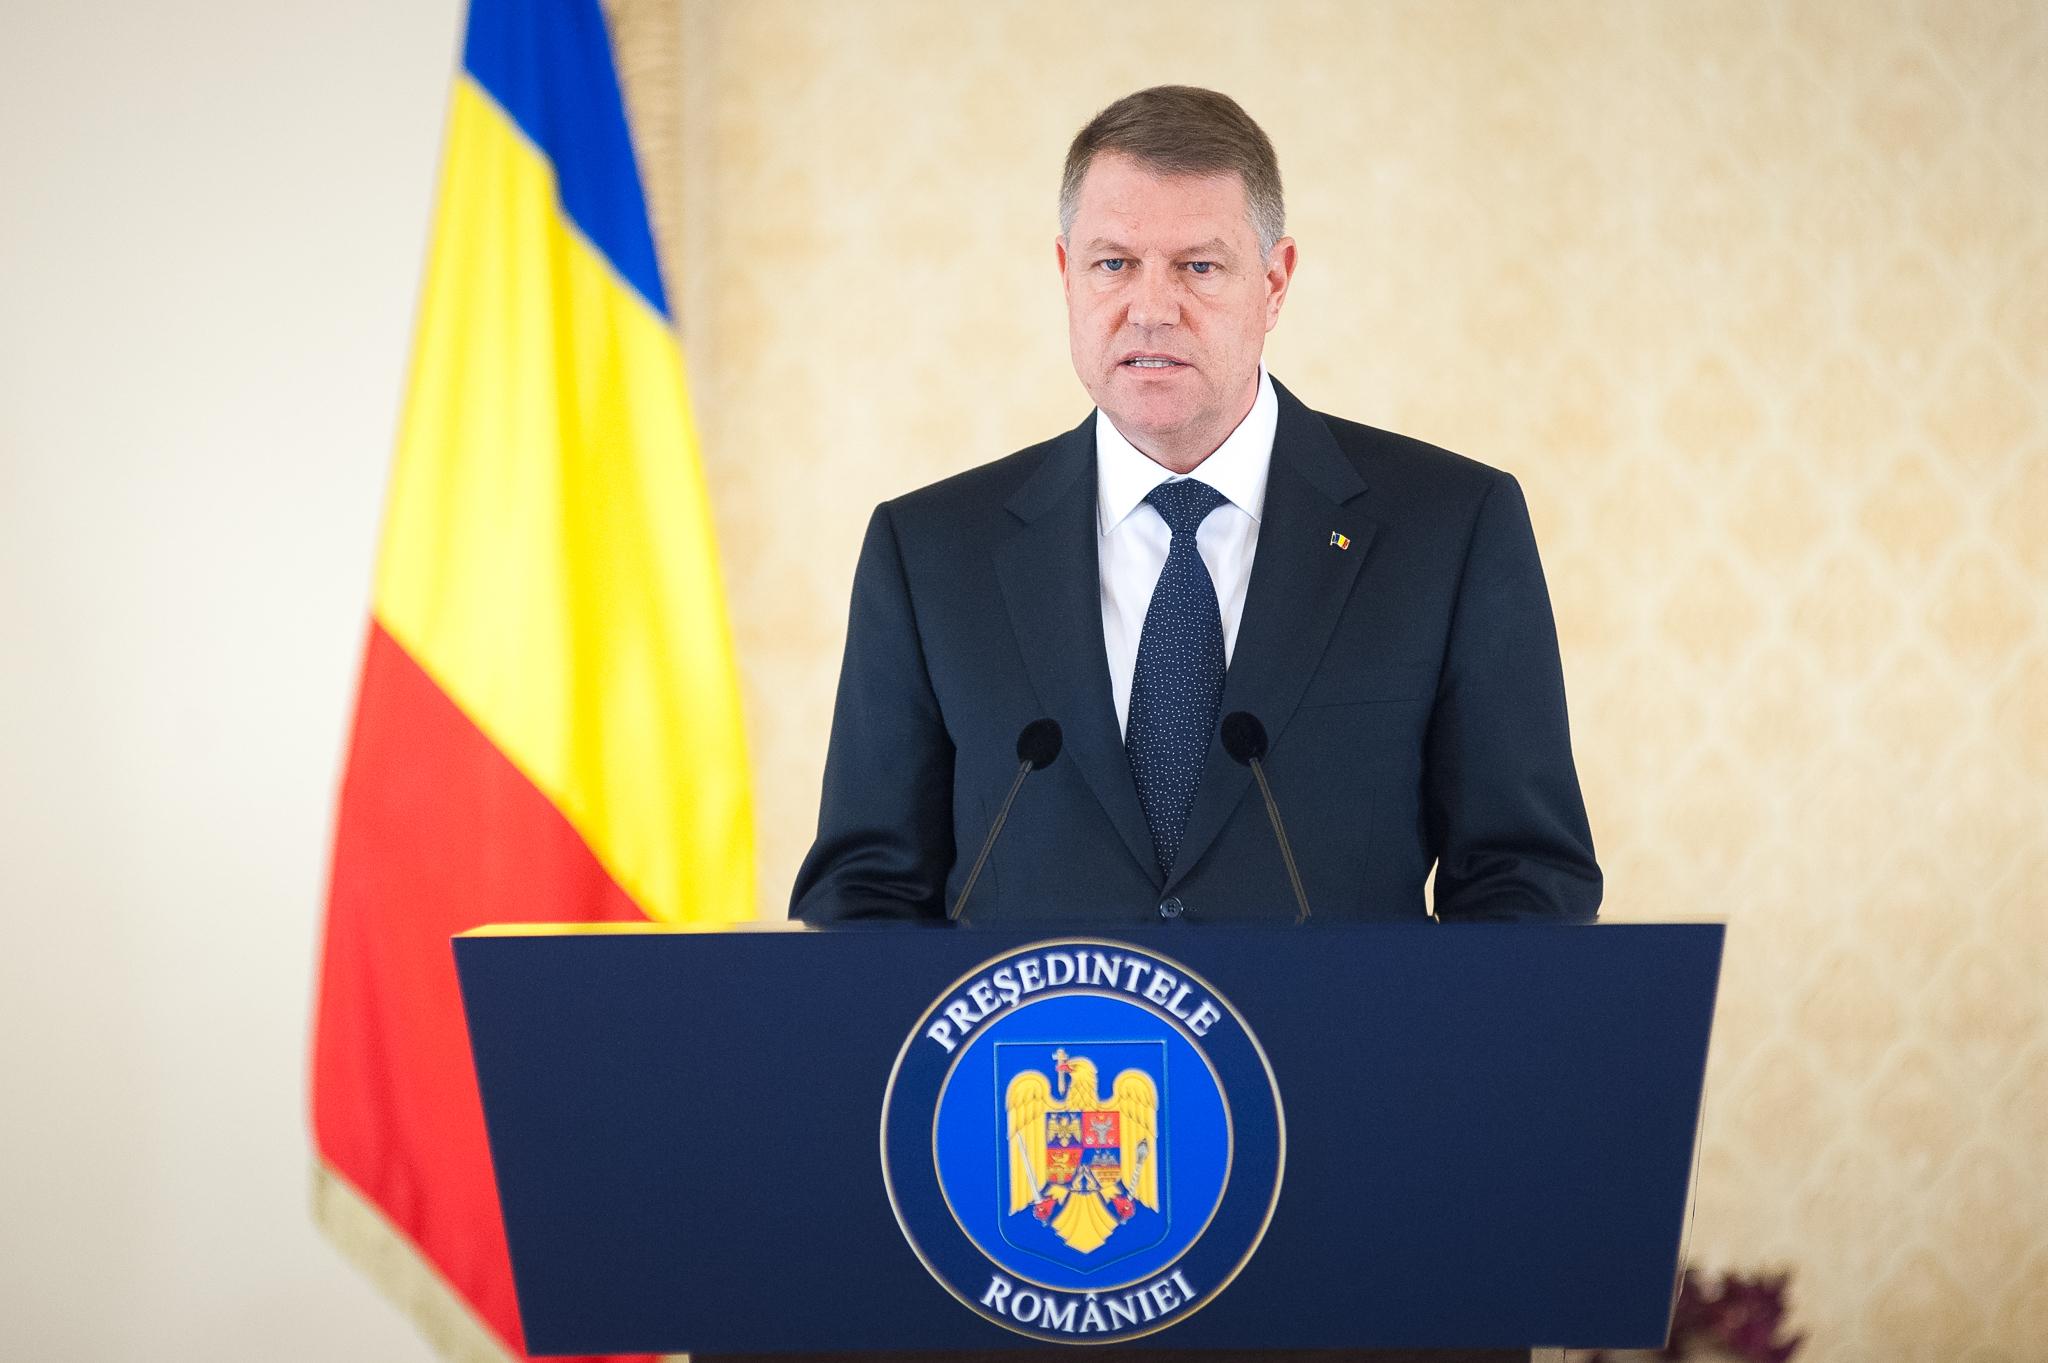 BOMBA in politica romaneasca! Klaus Iohannis ii da lui Victor Ponta lovitura suprema: ,,Daca ar fi facut asta, nu l-as fi SUSPENDAT din functie